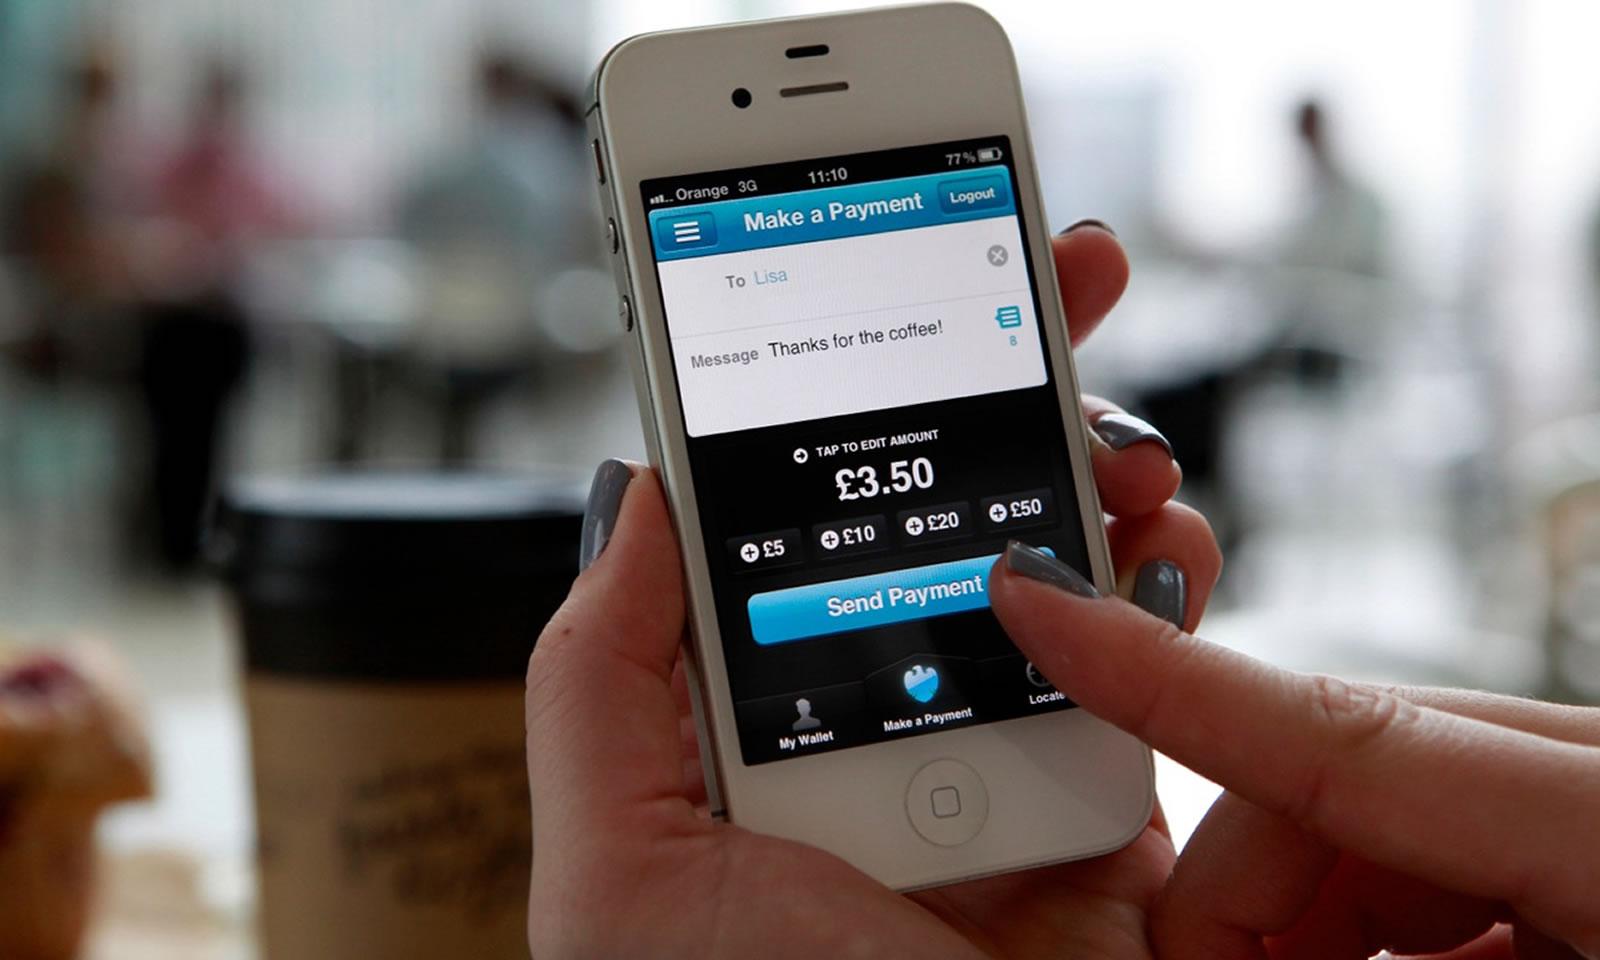 ¿Cómo depositar en Bet365 con Paypal?